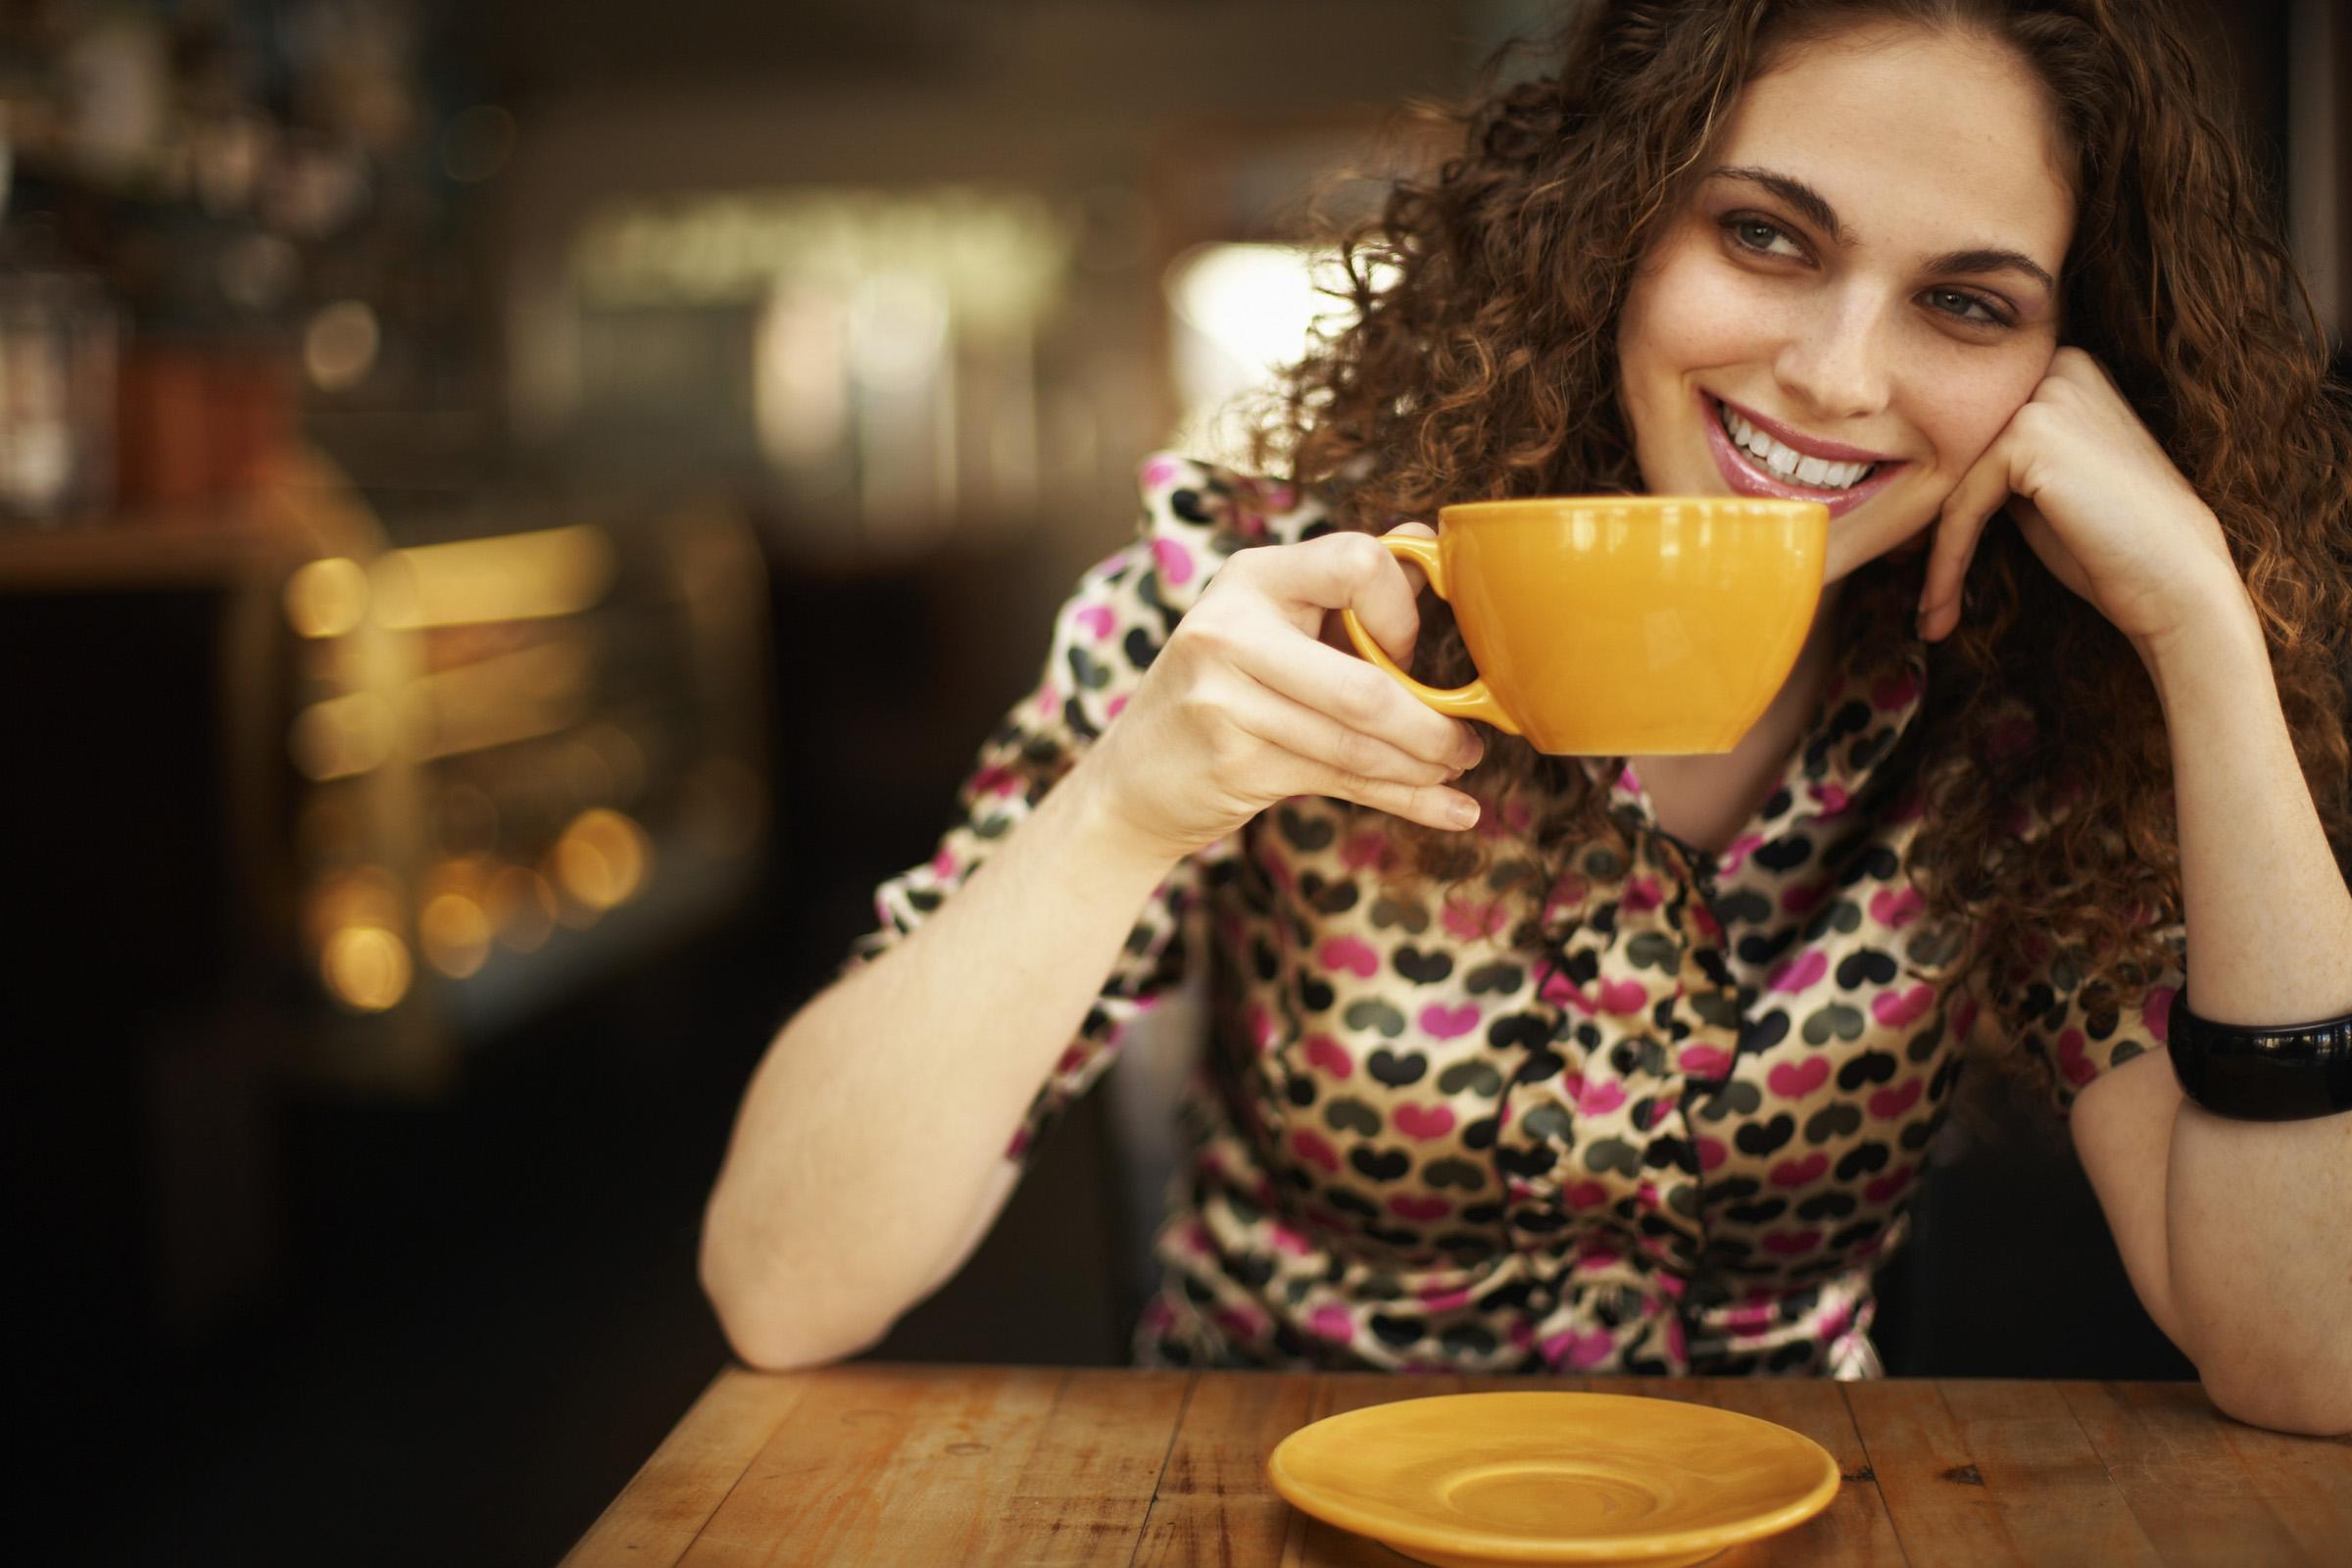 randi egy sclerosis multiplexes lány randevú, hogyan lehet az embert érdekelni